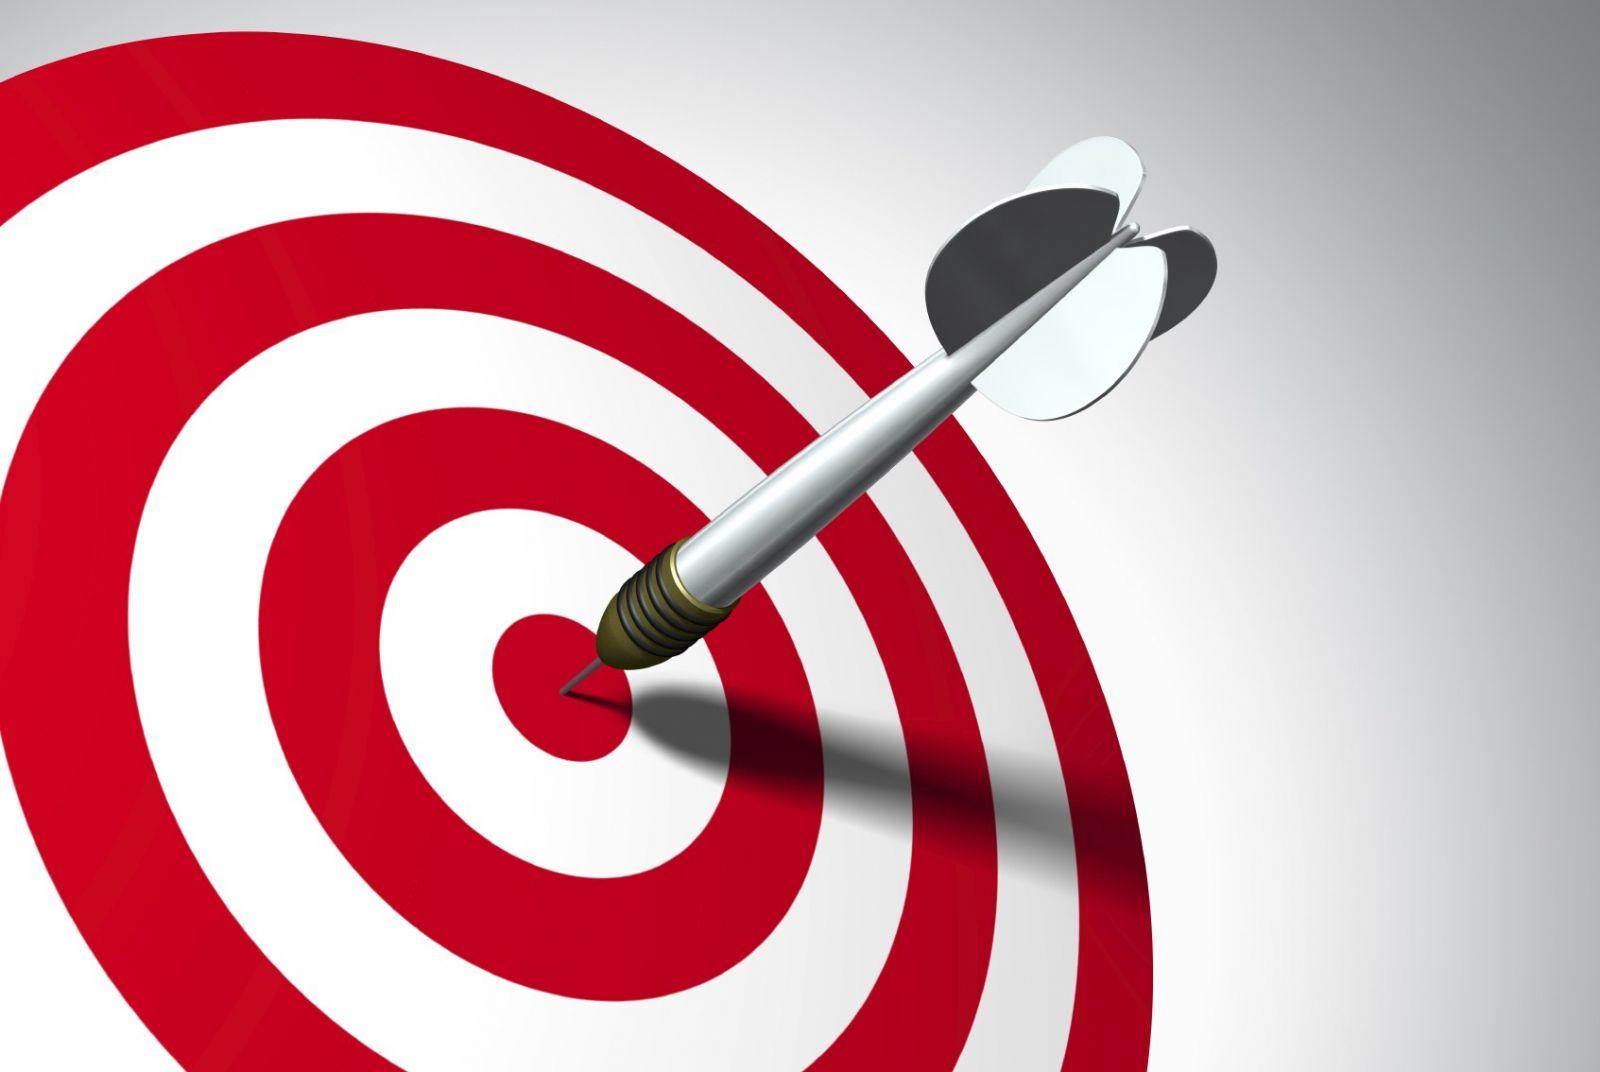 Quản lý công việc hiệu quả: Cần làm rõ những mục tiêu quan trọngvới bản thân